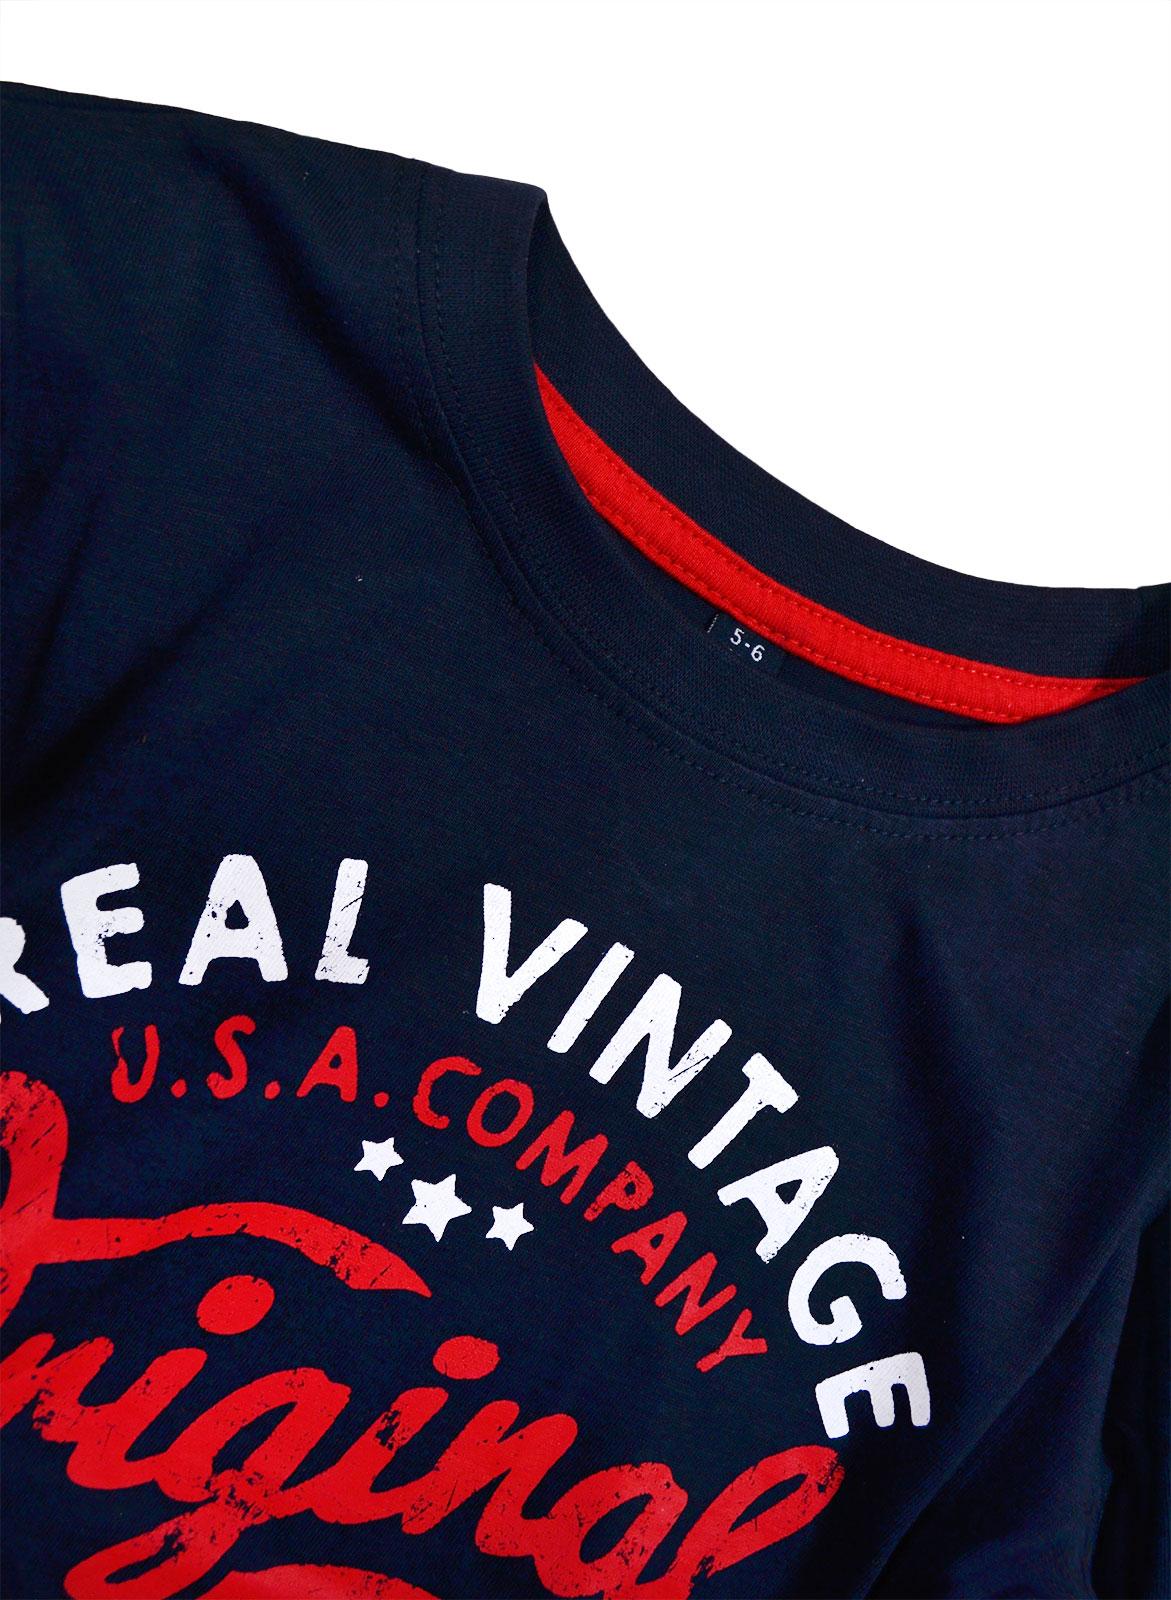 Garcons-Neuf-en-coton-T-shirt-a-encolure-ras-du-cou-d-039-ete-Enfant-Top-2-3-4-5-6-7-8-9-10-11-12-13 miniature 11